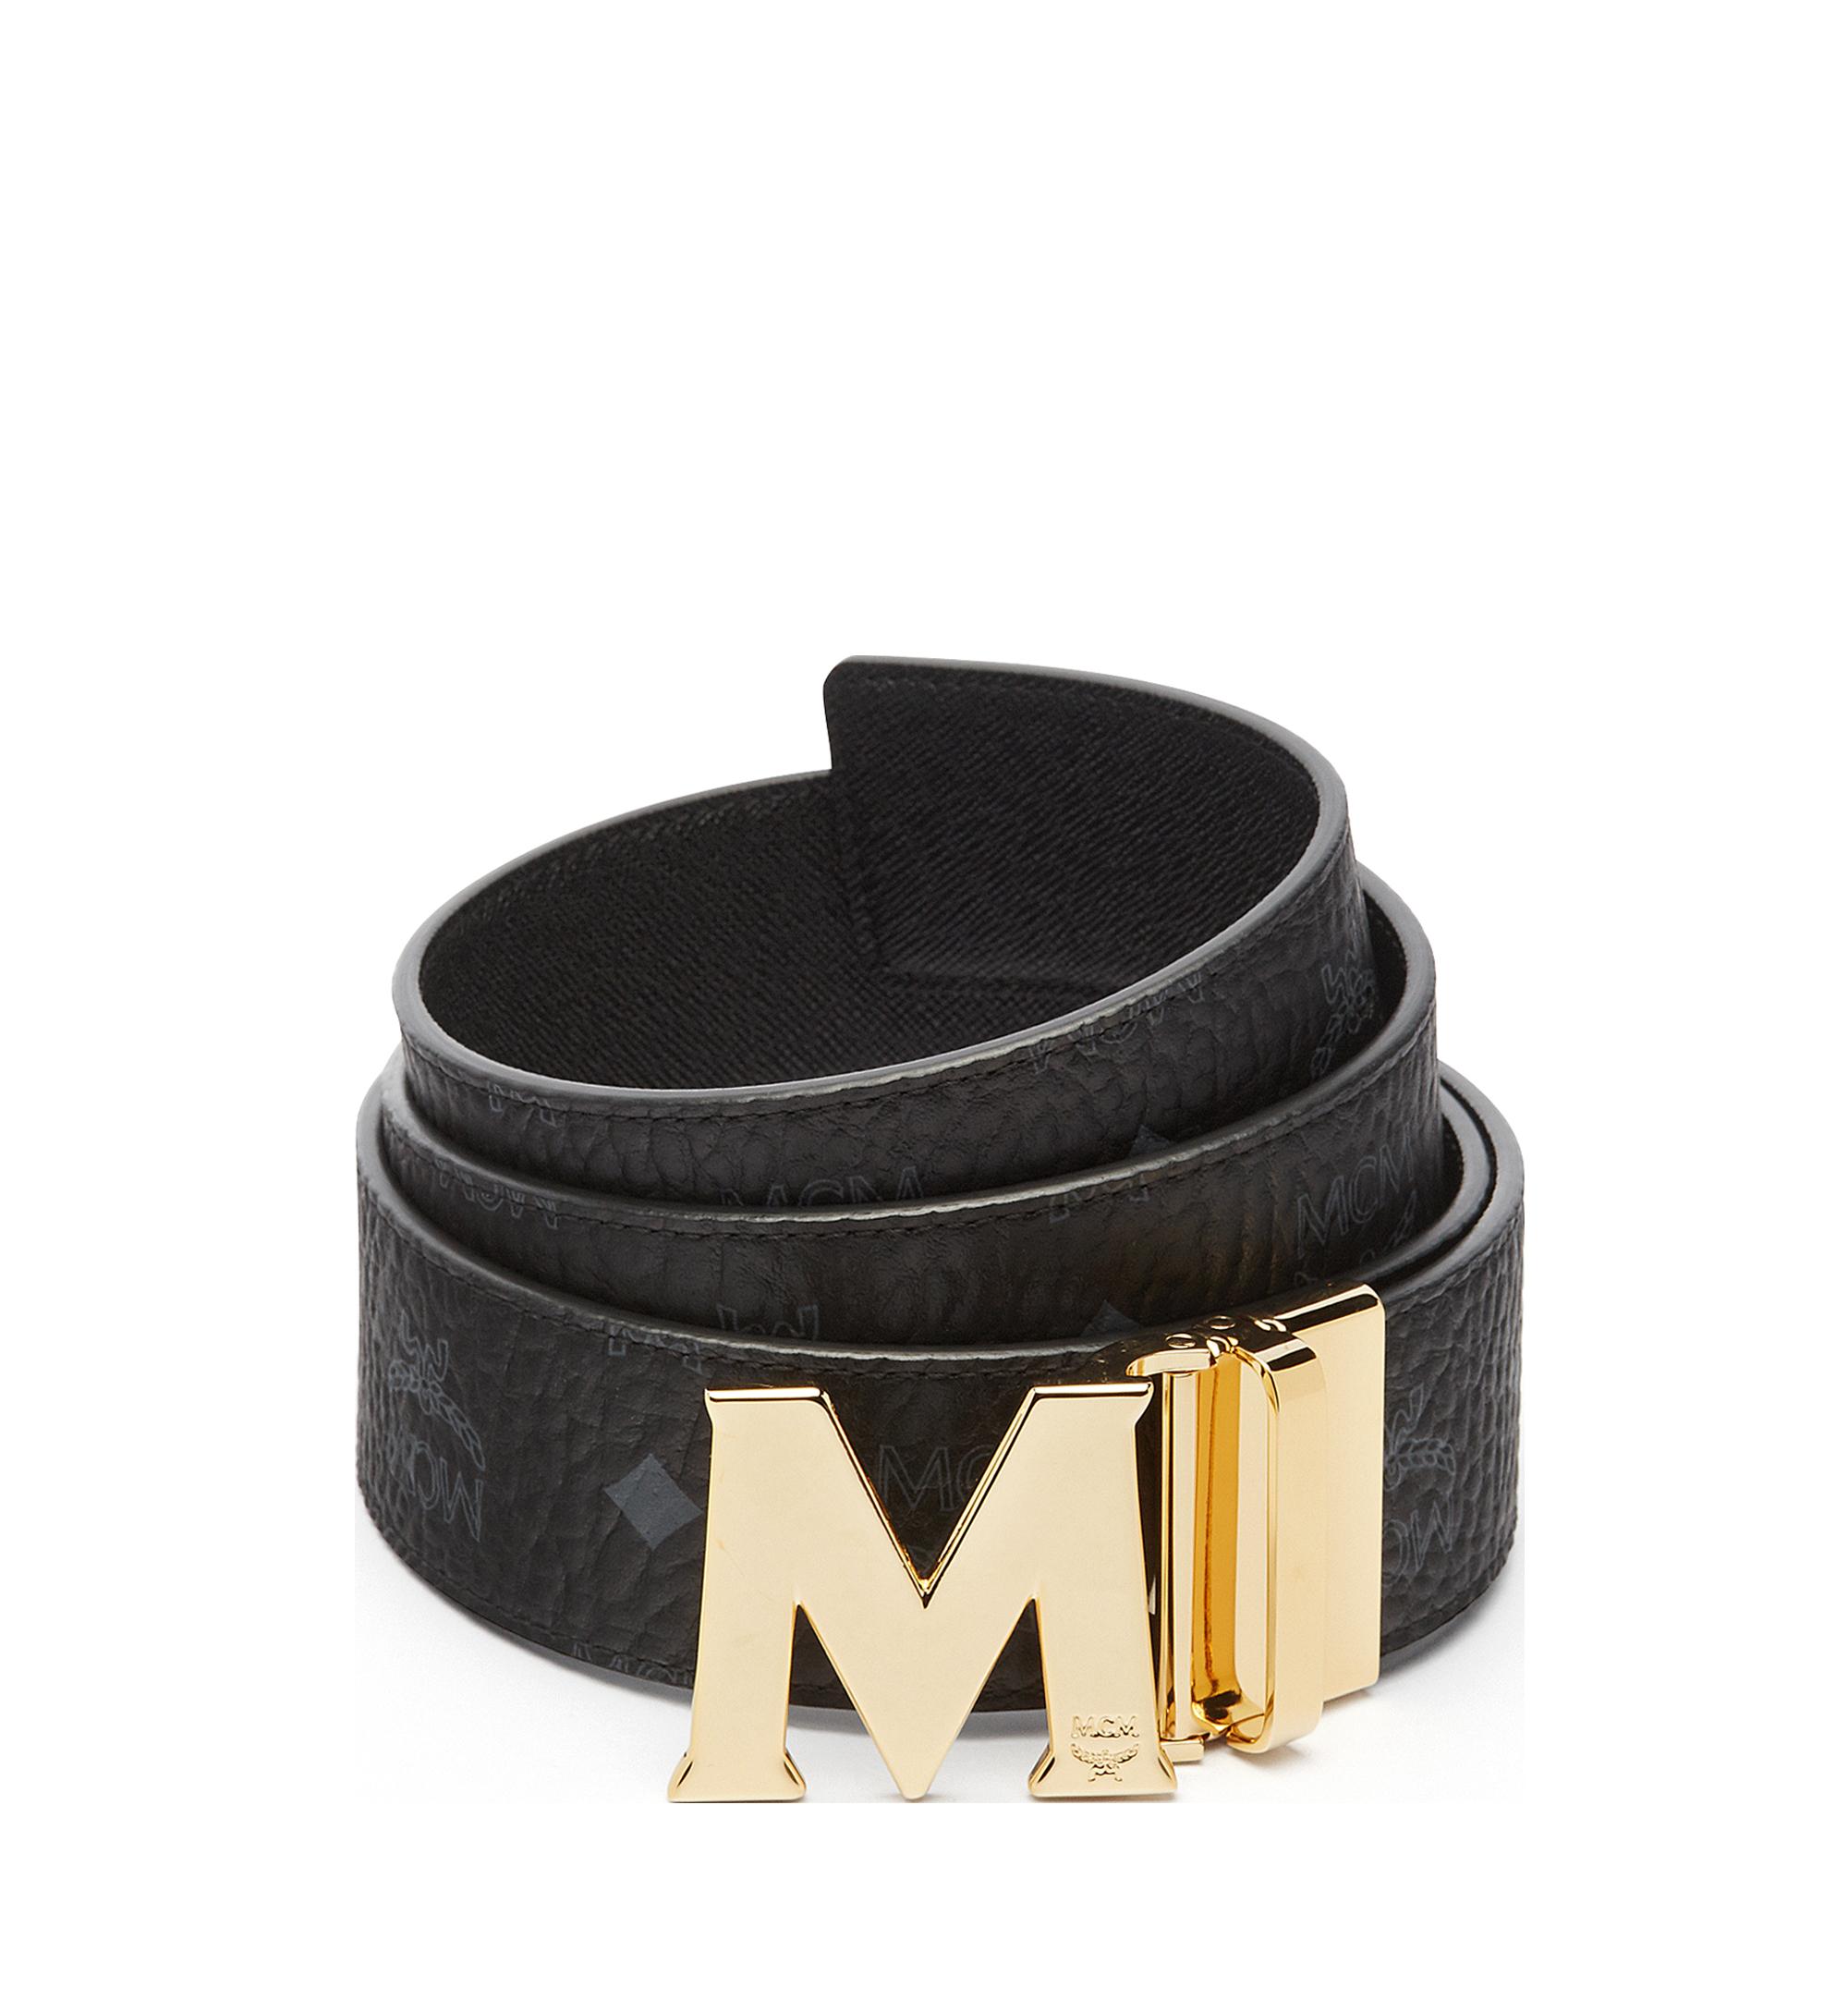 MCM Claus M Wendegürtel in Visetos 4,5cm Black MXBAAVI03BK001 Noch mehr sehen 1